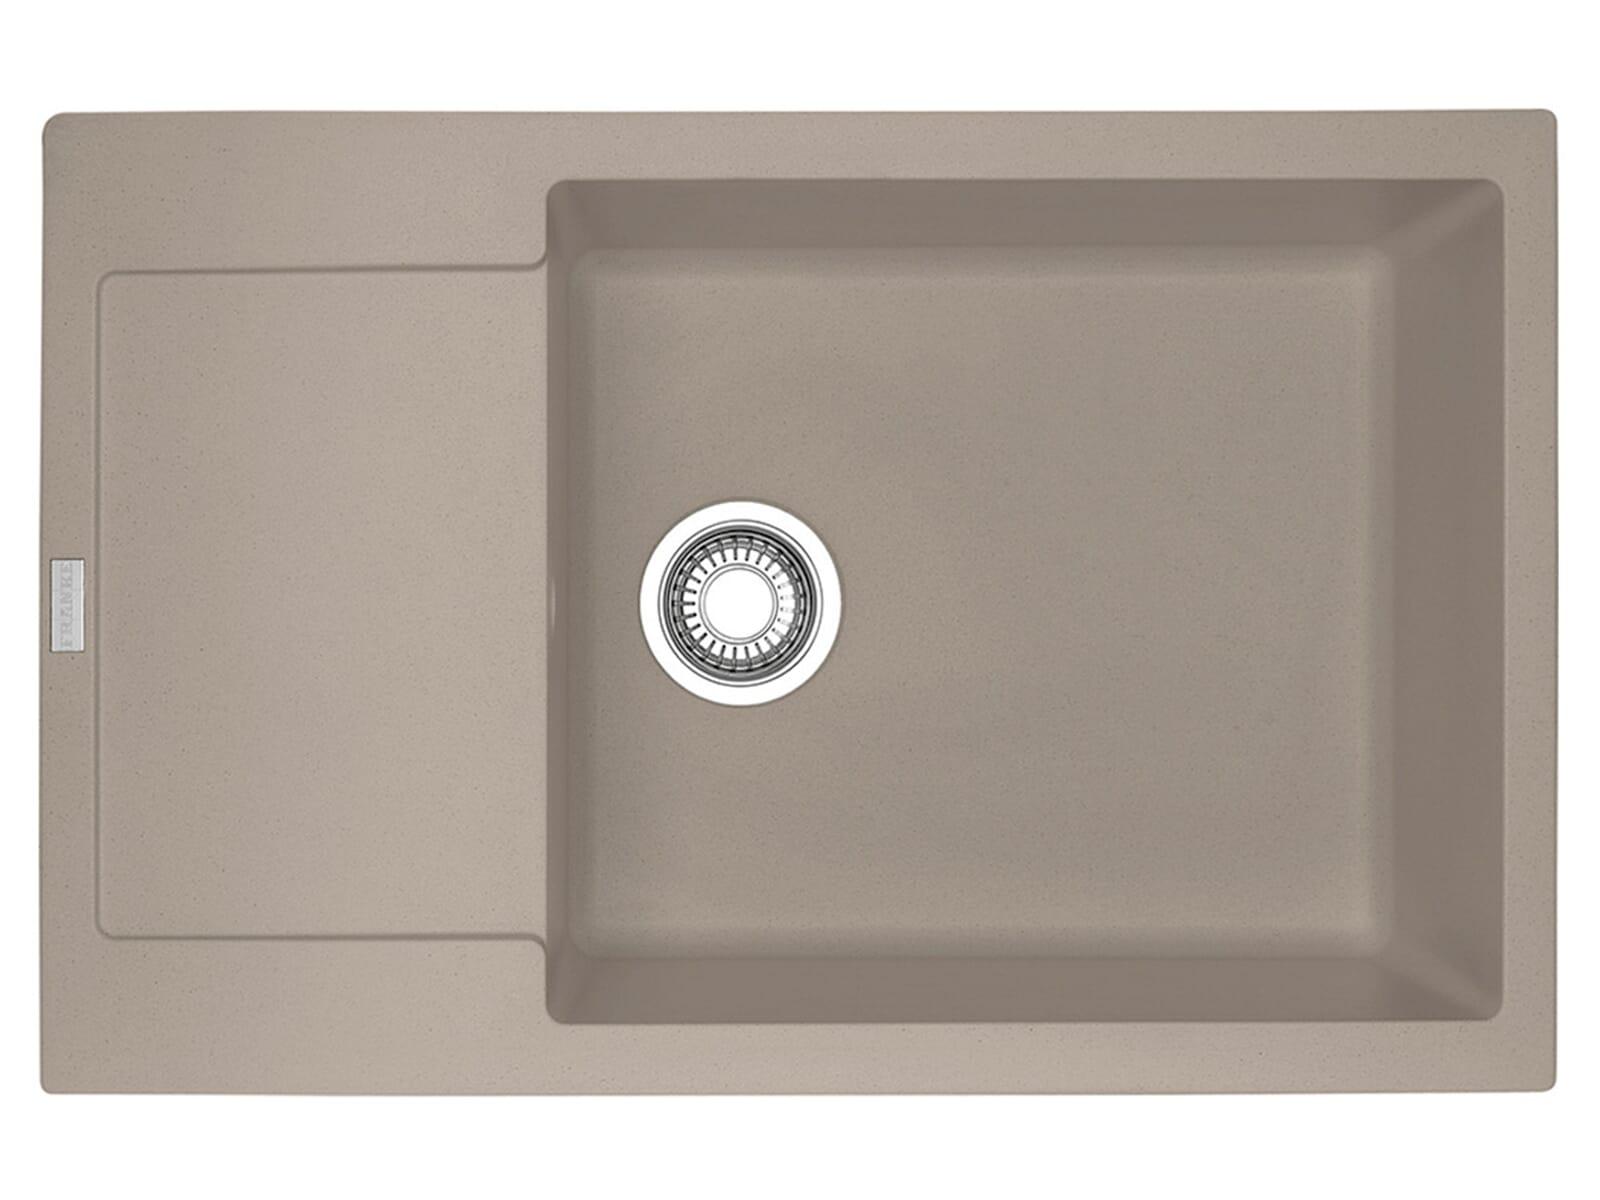 franke maris mrg 611 78 xl cashmere granitsp le drehknopfventil. Black Bedroom Furniture Sets. Home Design Ideas